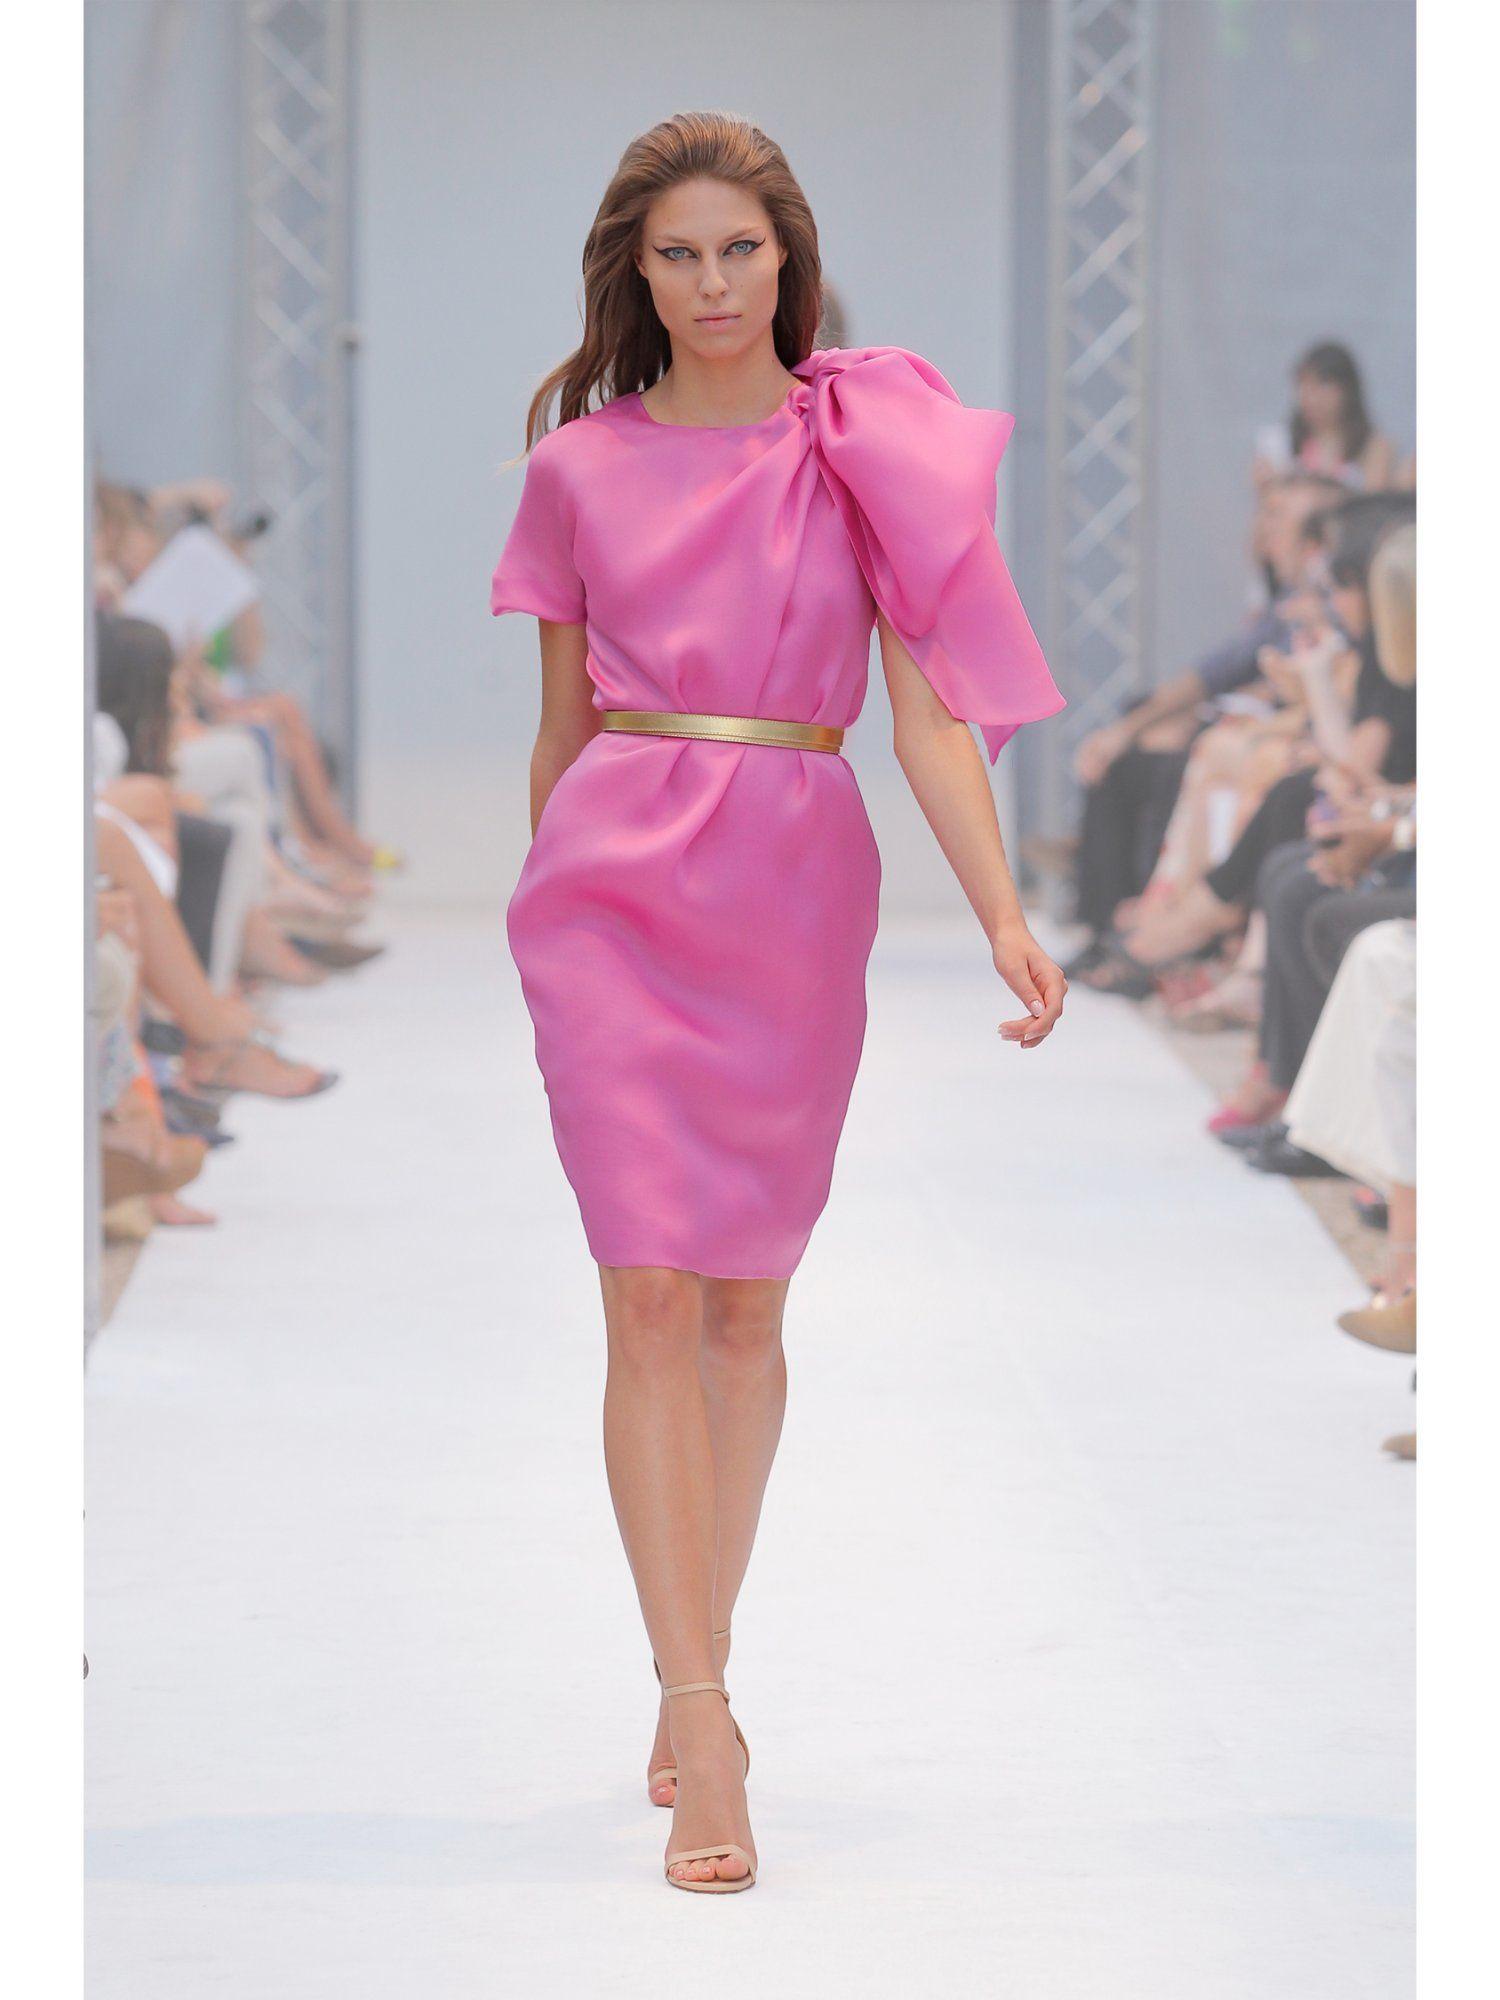 the 2nd skin co | I n v i t a d a s ! | Pinterest | Rosas azules ...